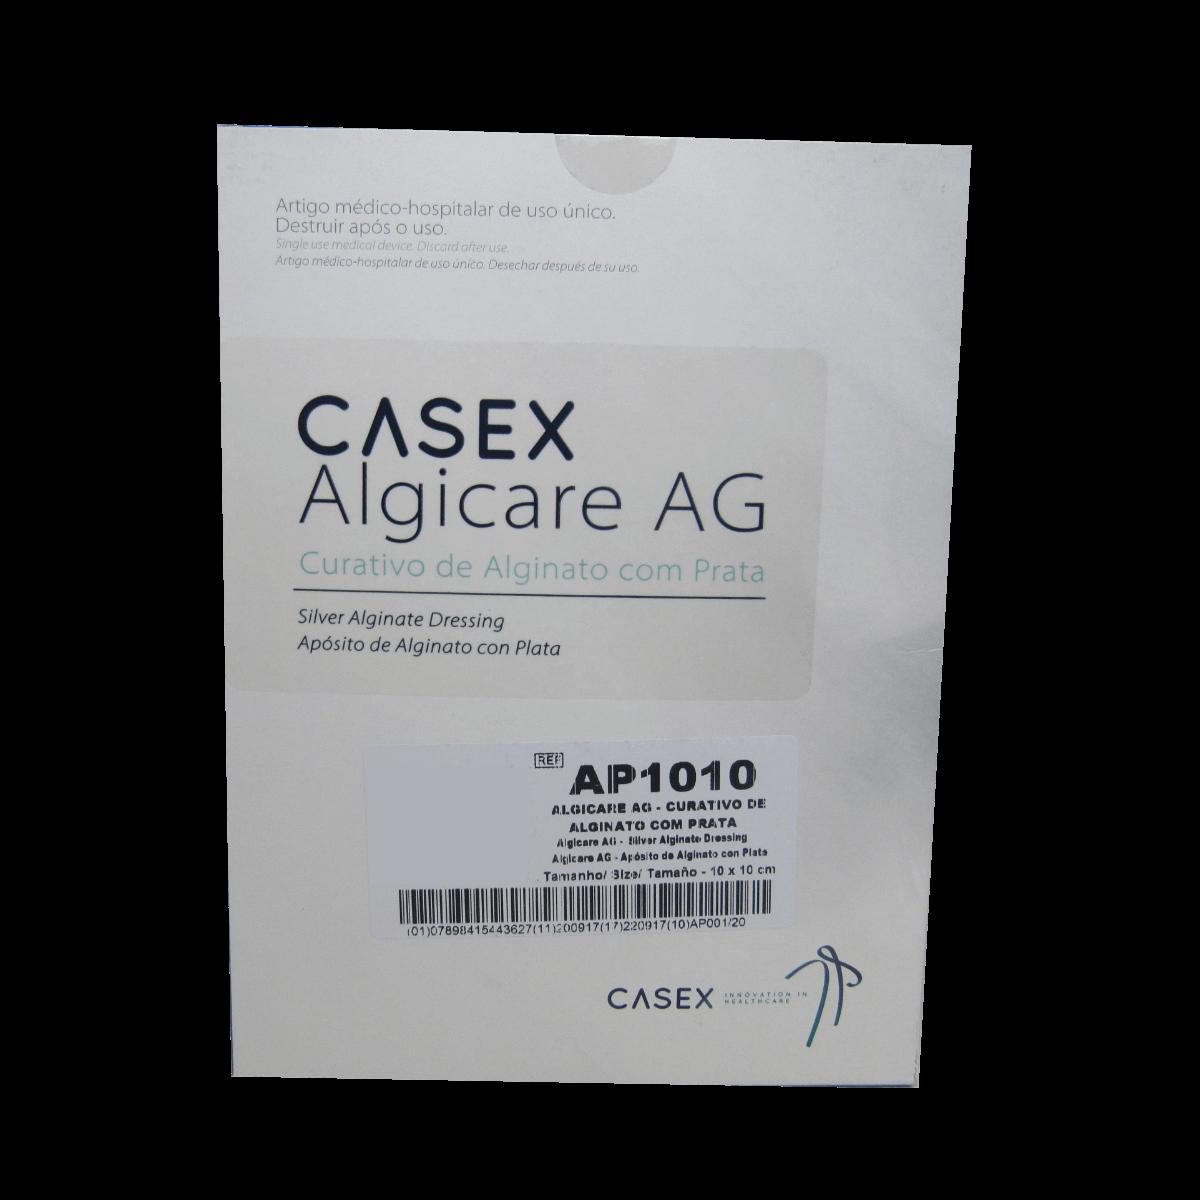 Curativo Alginato com Prata Algicare Ag 10x10cm Casex